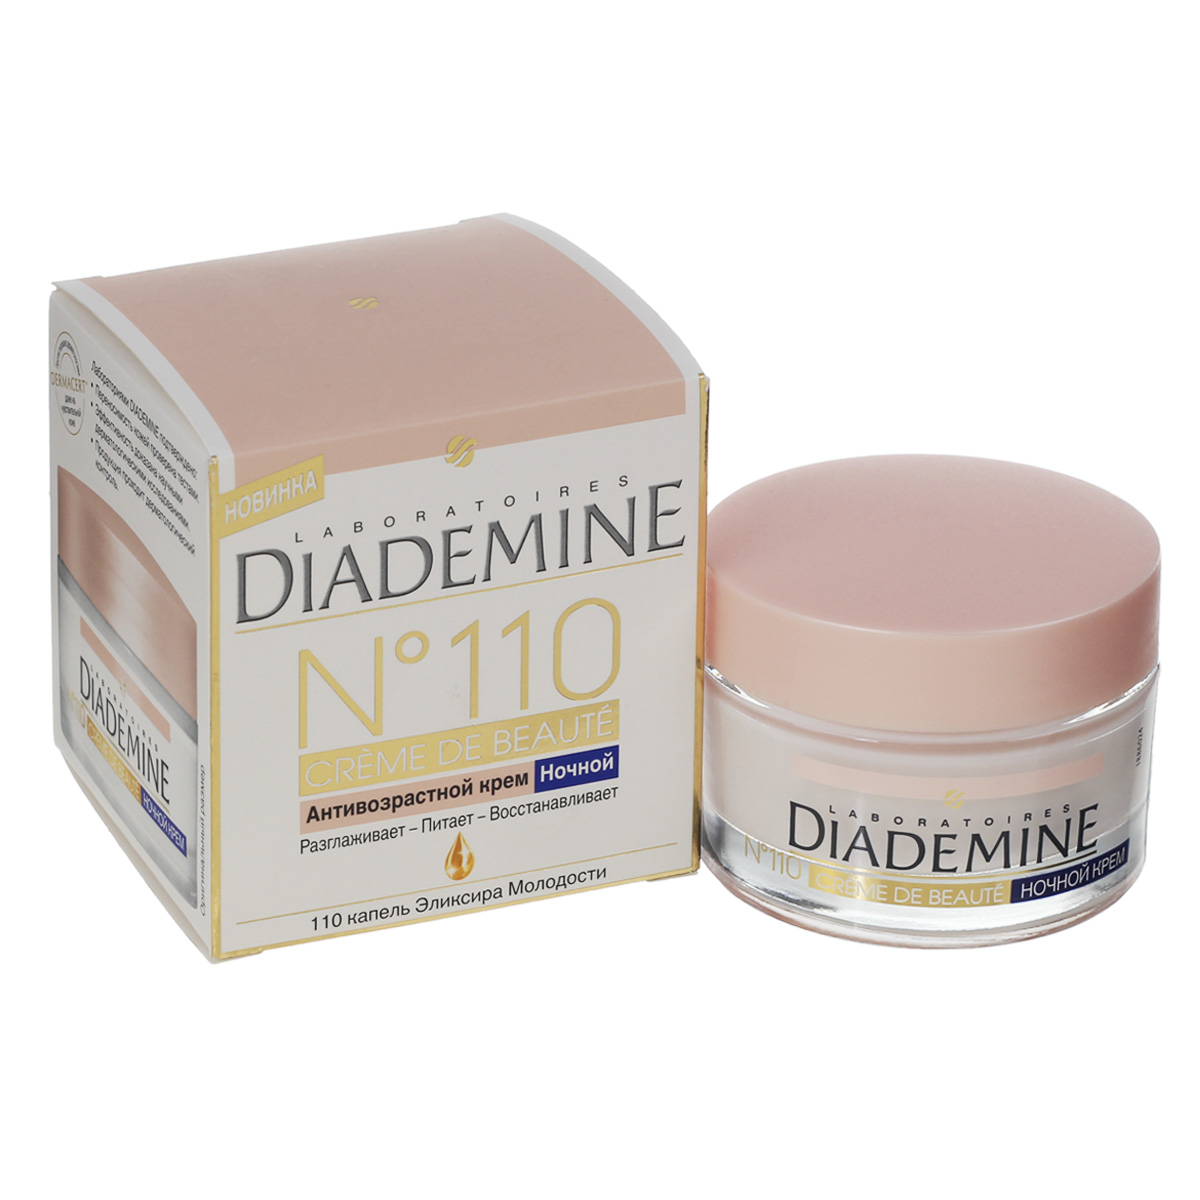 DIADEMINE №110 Creme de Beaute Антивозрастной ночной крем, 50 мл9430871